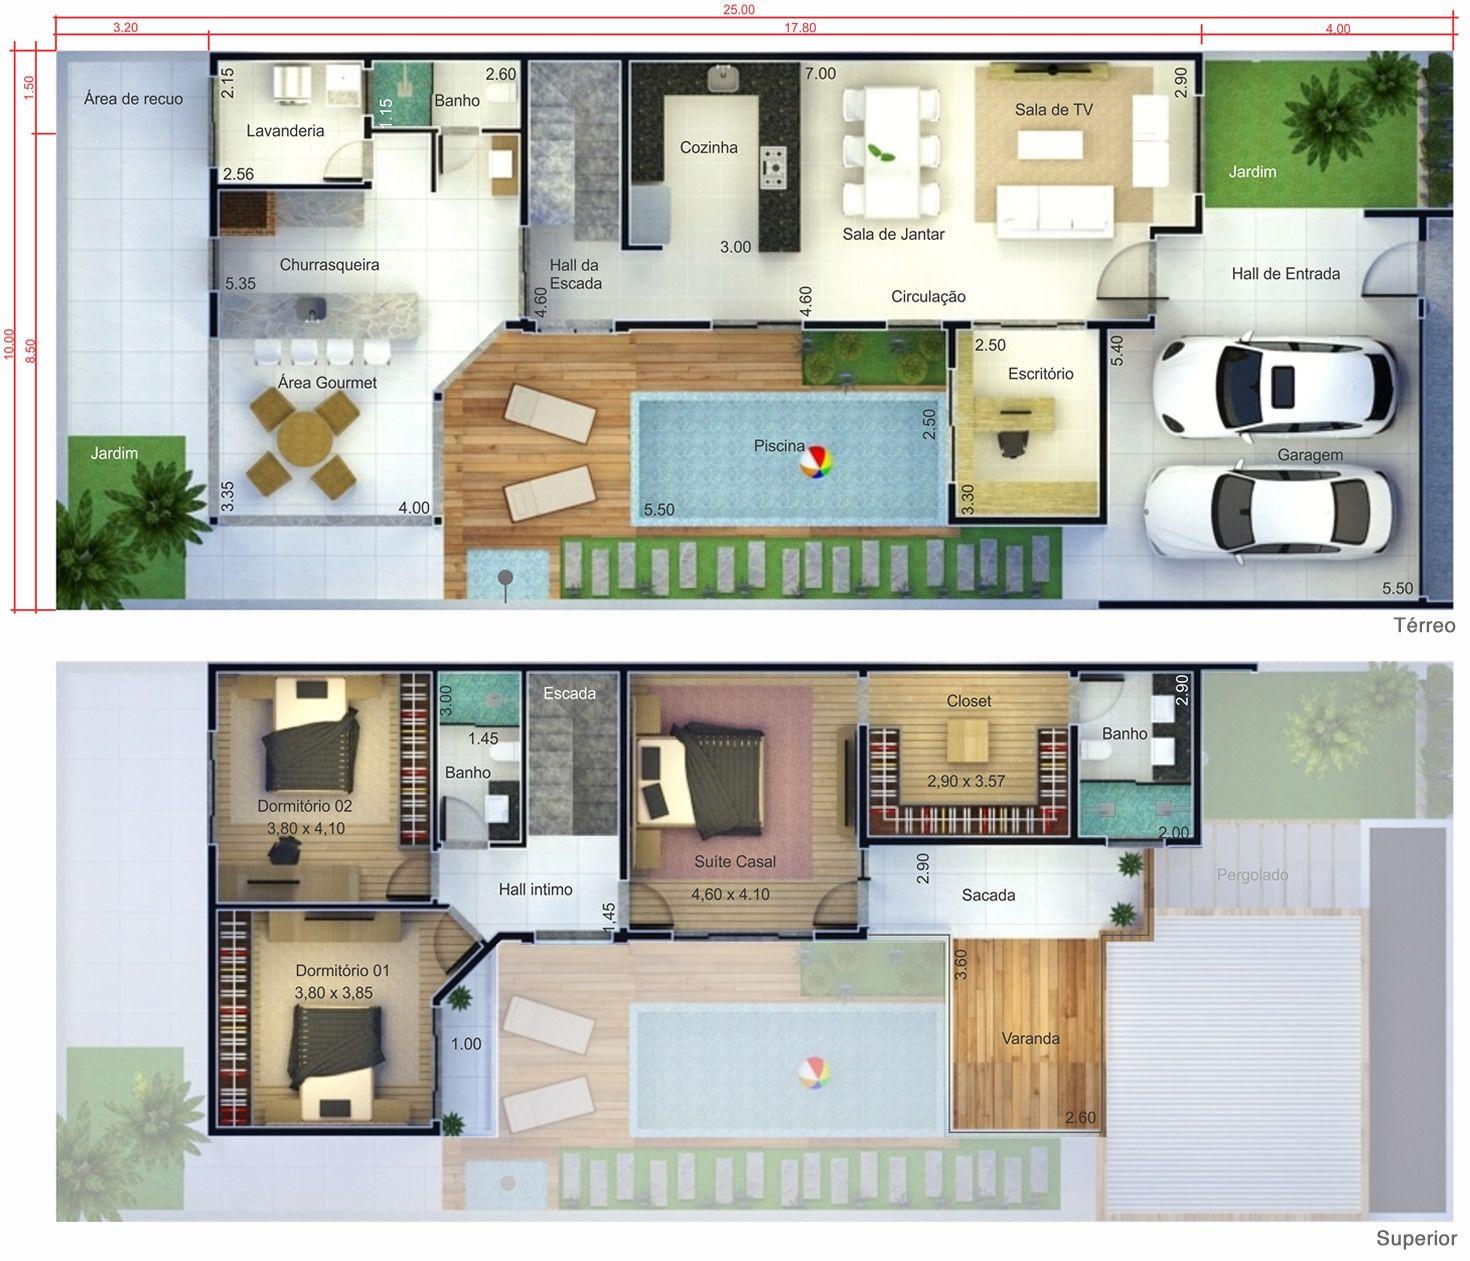 Projeto de sobrado com terra o planta para terreno 10x25 for Casa moderna 7x20